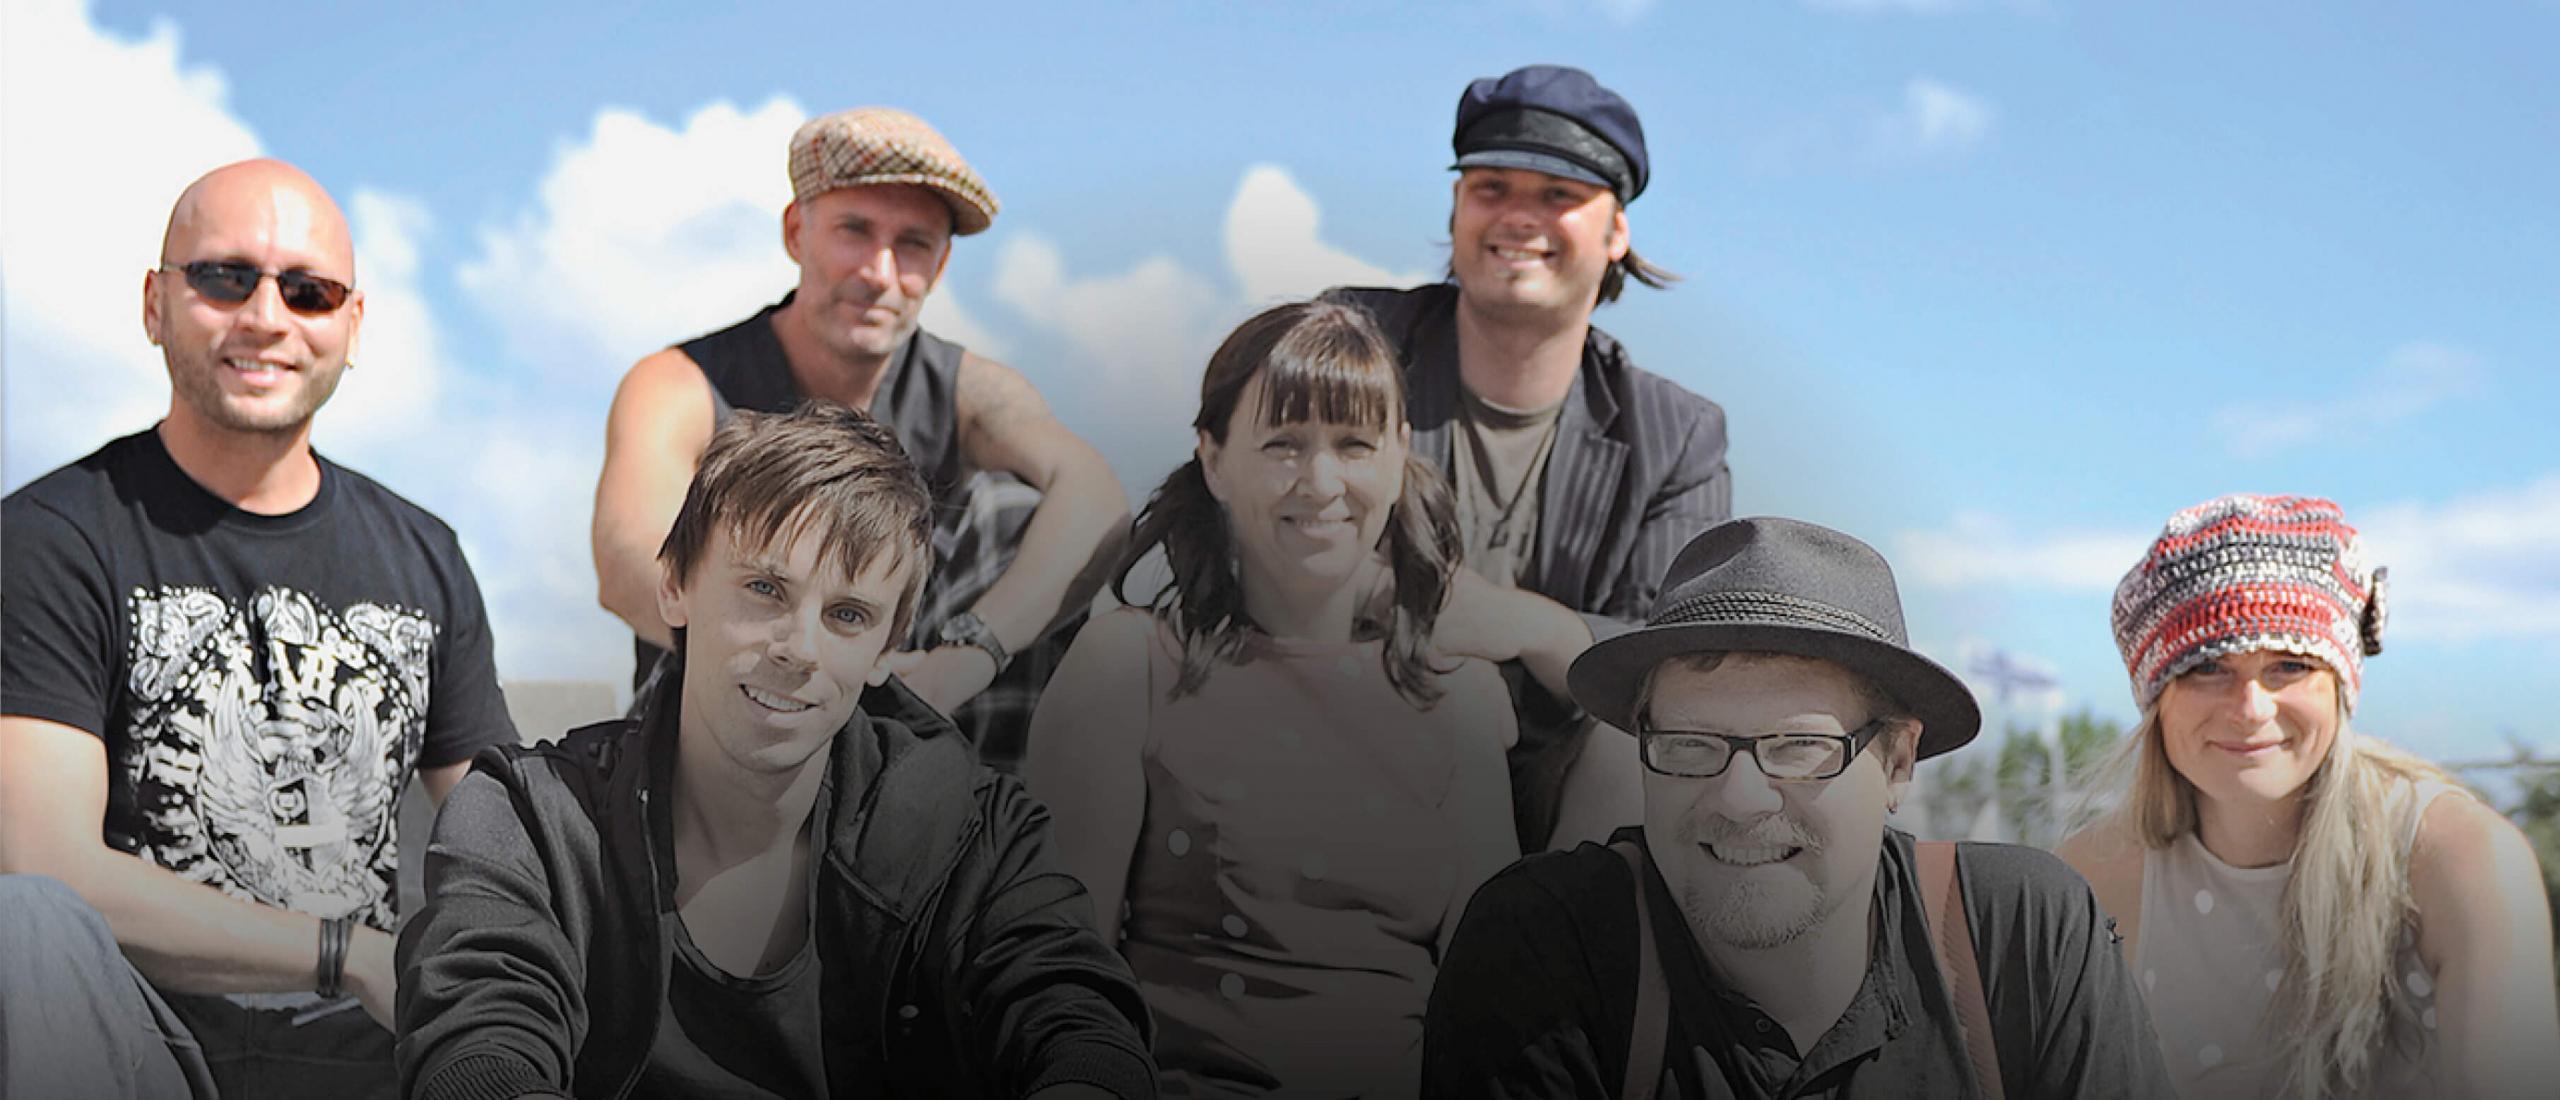 Poporkestern Åland live på nipalive.ax 9 april